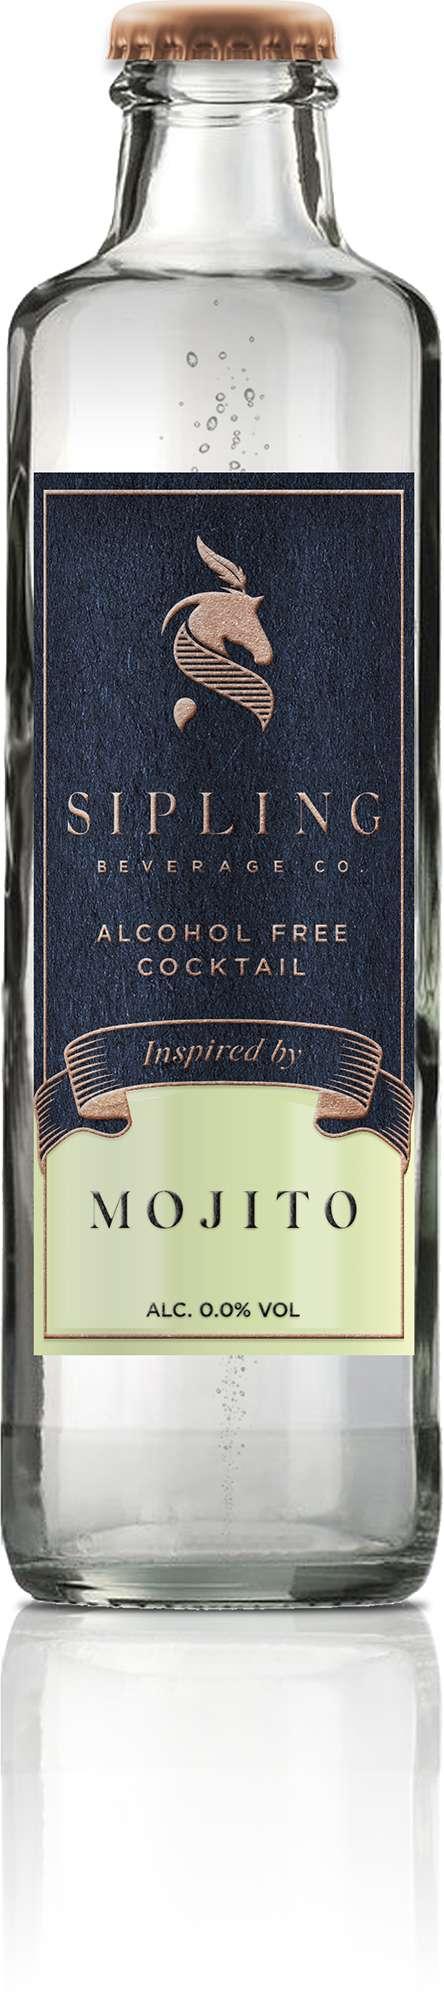 No-ABV Bottled Cocktails